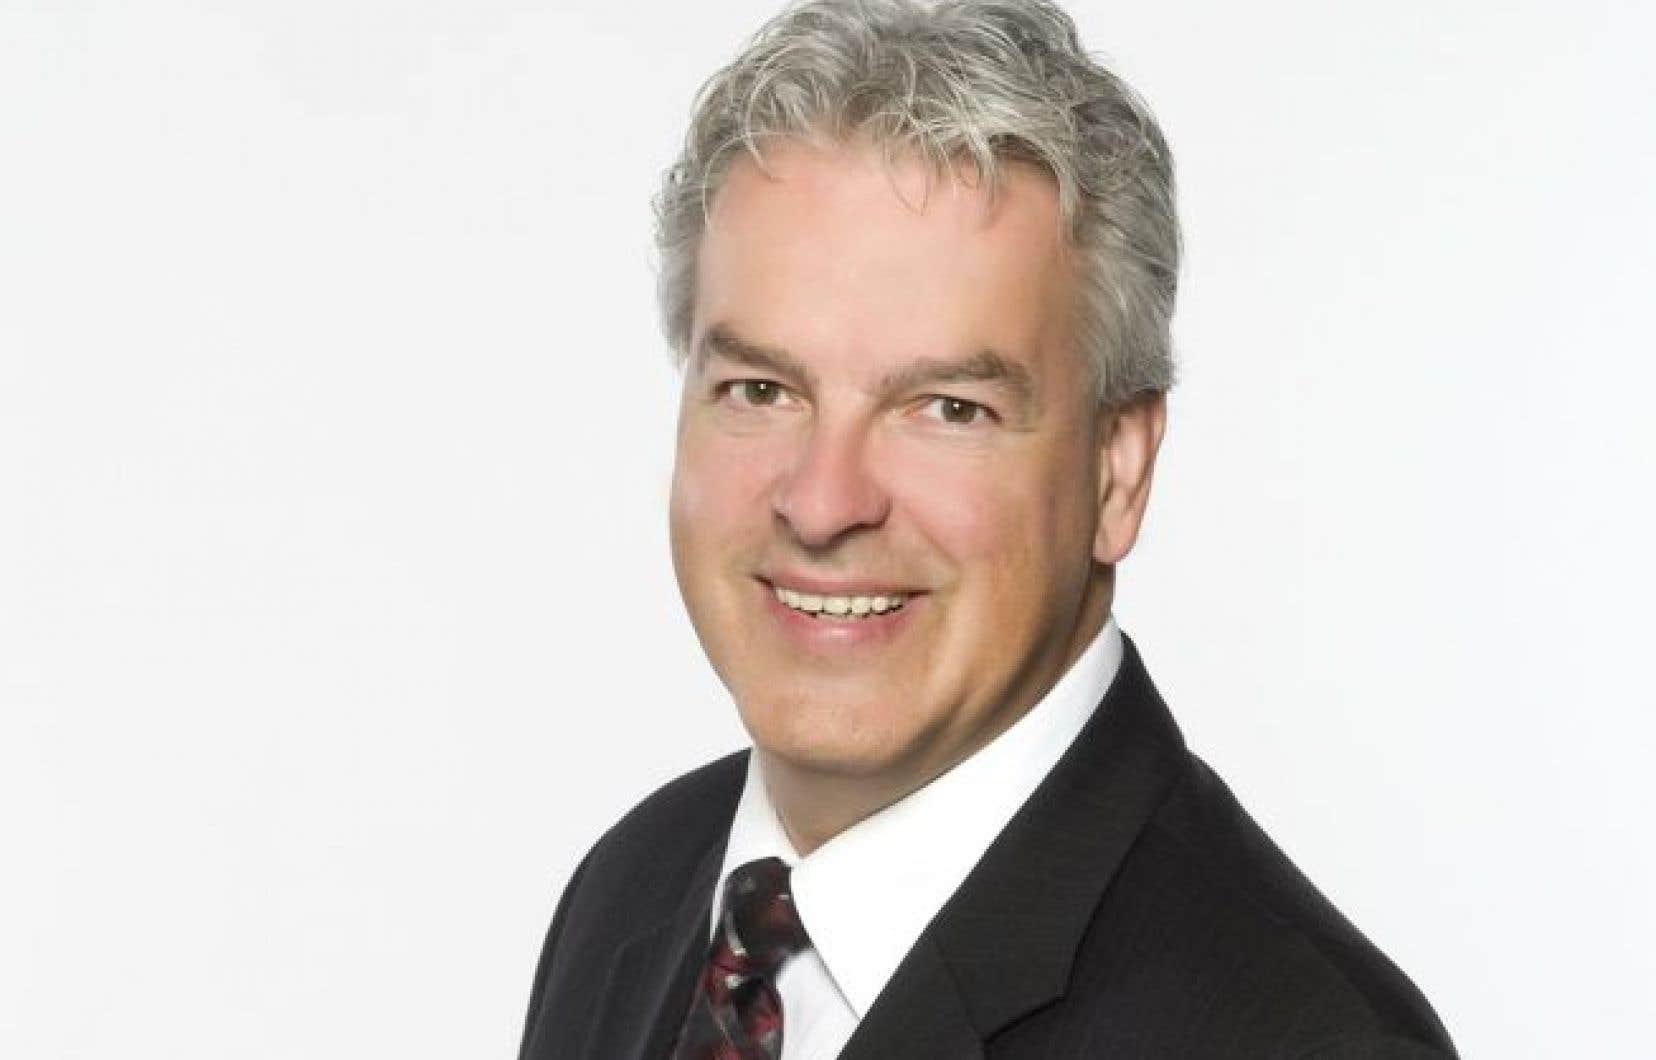 Bernard Sévigny, qui succède à Suzanne Roy, a été élu mercredi par les membres du conseil d'administration de l'UMQ.